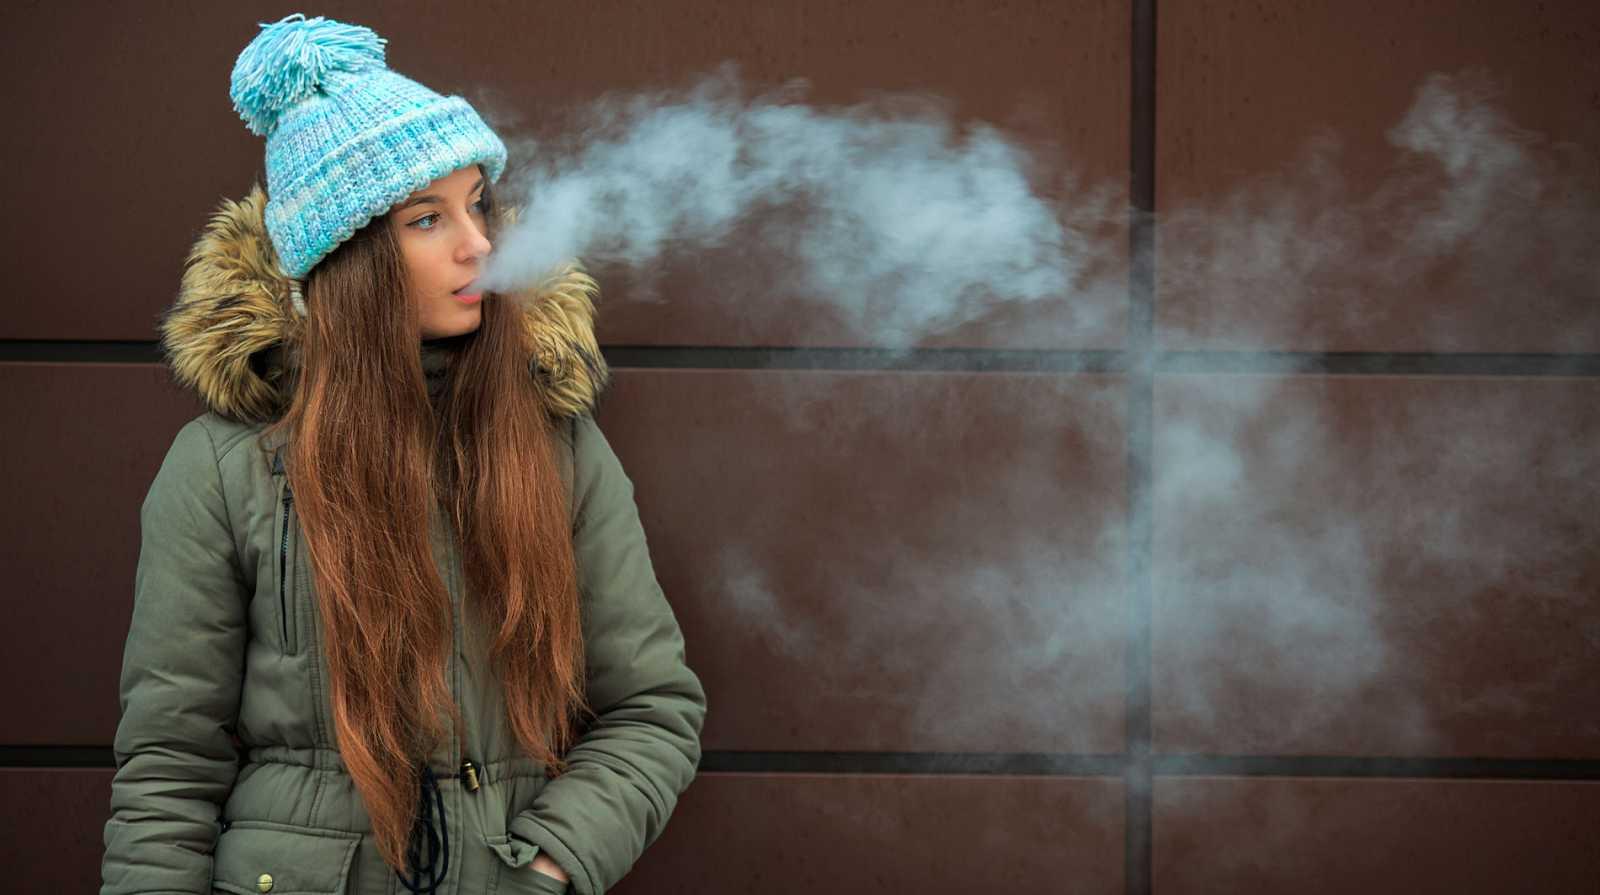 Lucha contra el tabaquismo y el vapeo